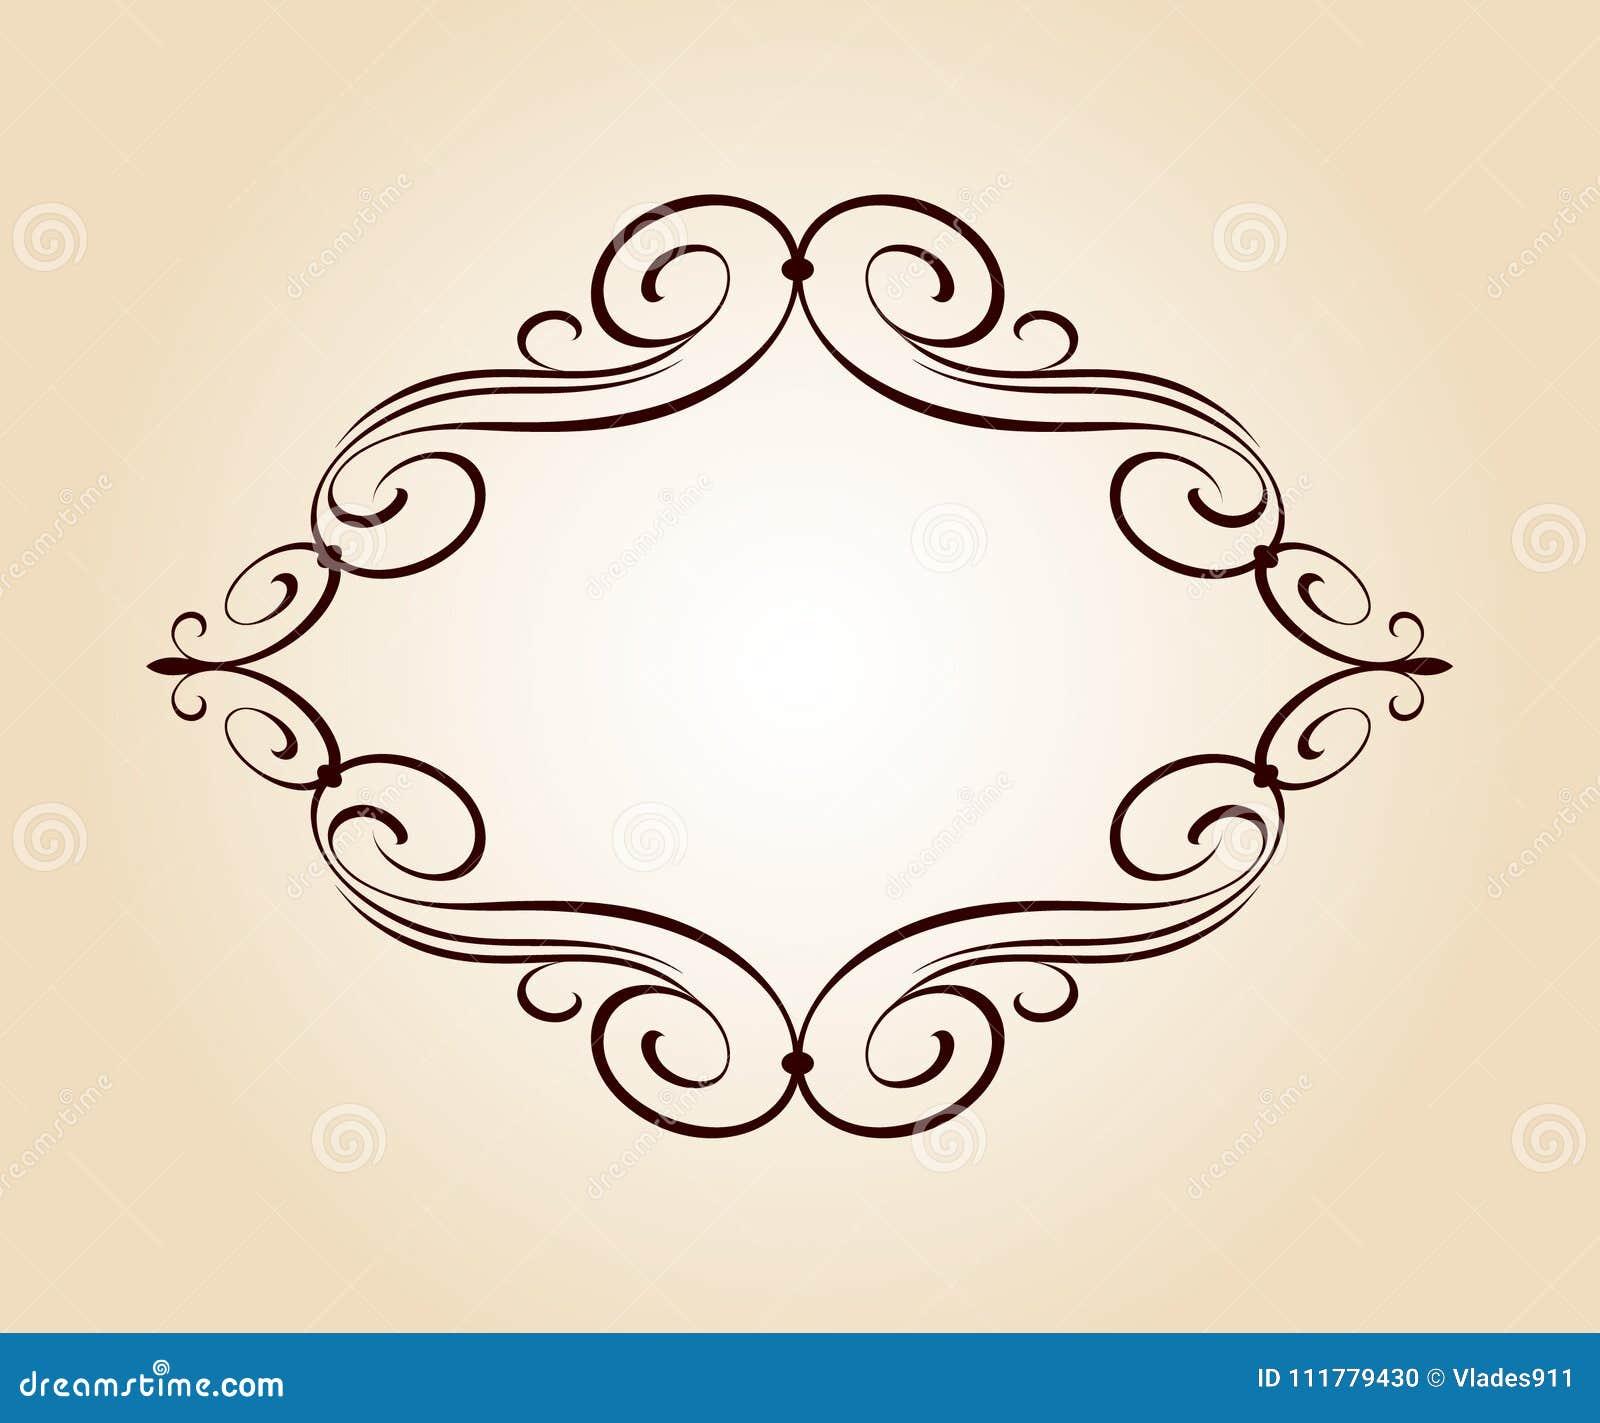 Elegant frame.Vector illustration.Vintage style.Brown beige.